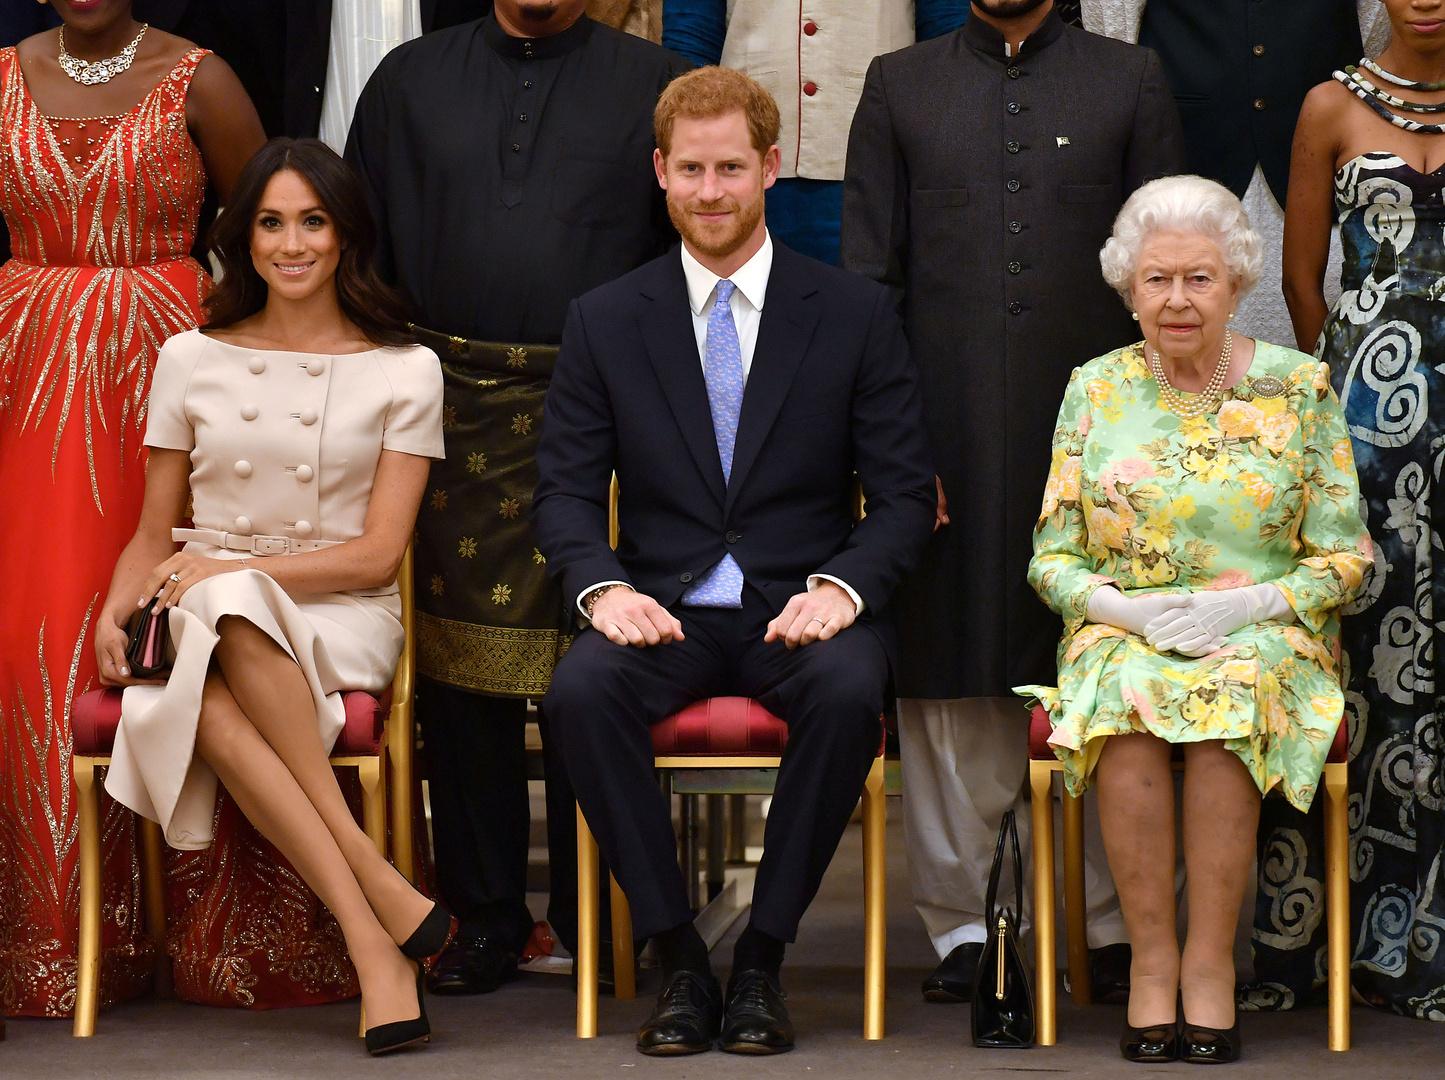 الملكة إليزابيث تعلن تجريد الأمير هاري وزوجته الألقاب الملكية